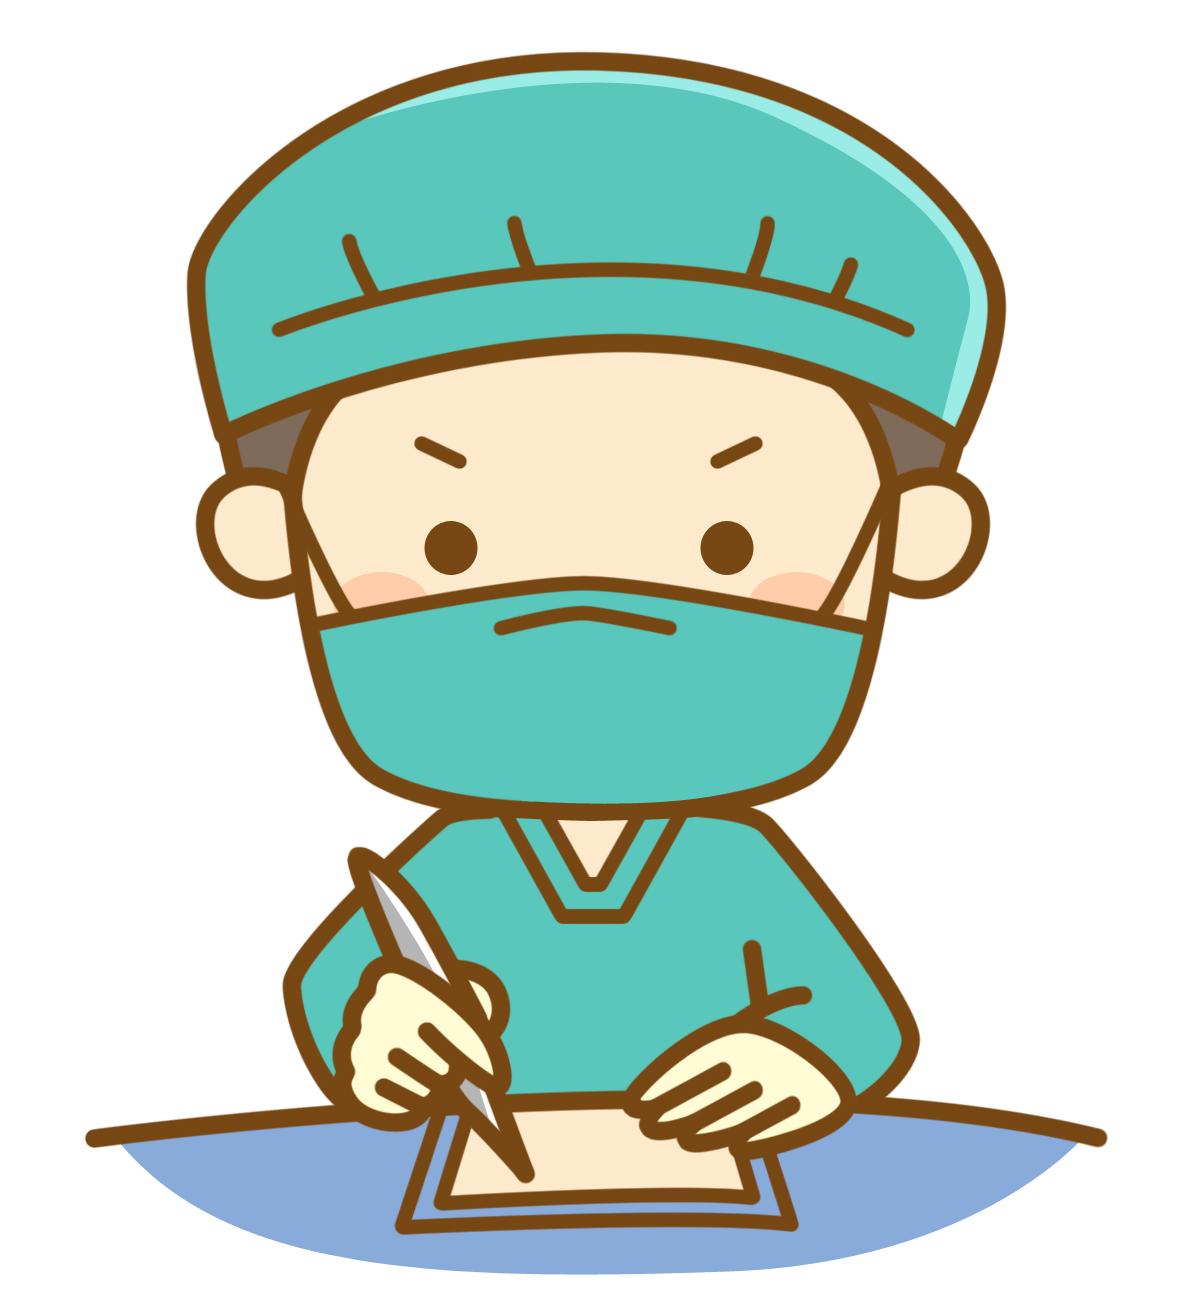 乳ガン治療の方針のことで医師と喧嘩に。切るか切らないか